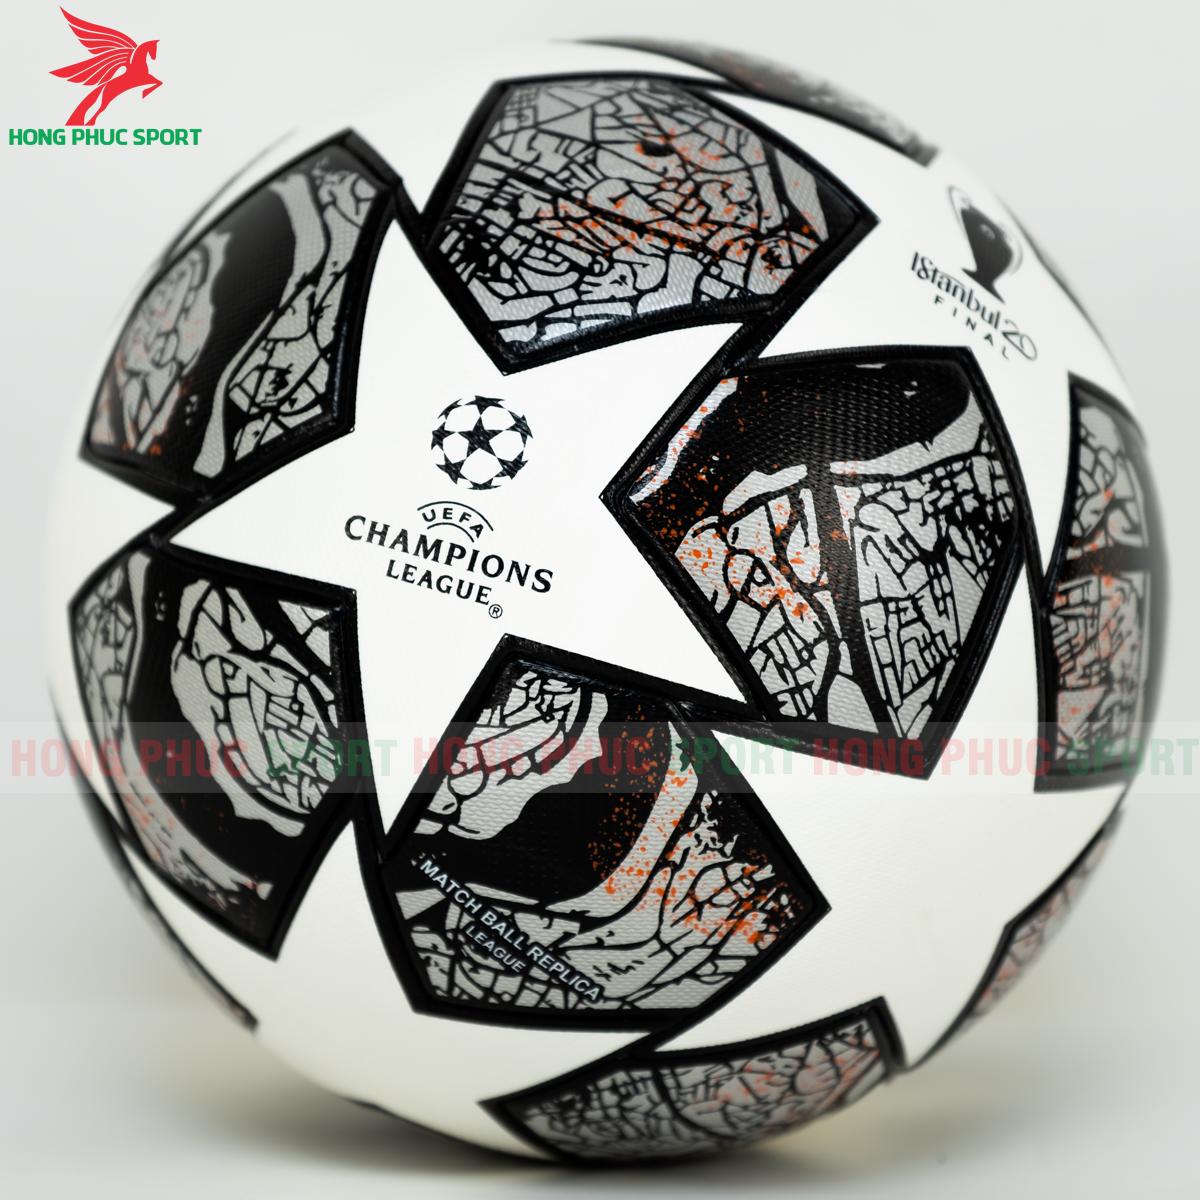 Quả bóng đá Champions League 2020 mẫu 7 đen trắng